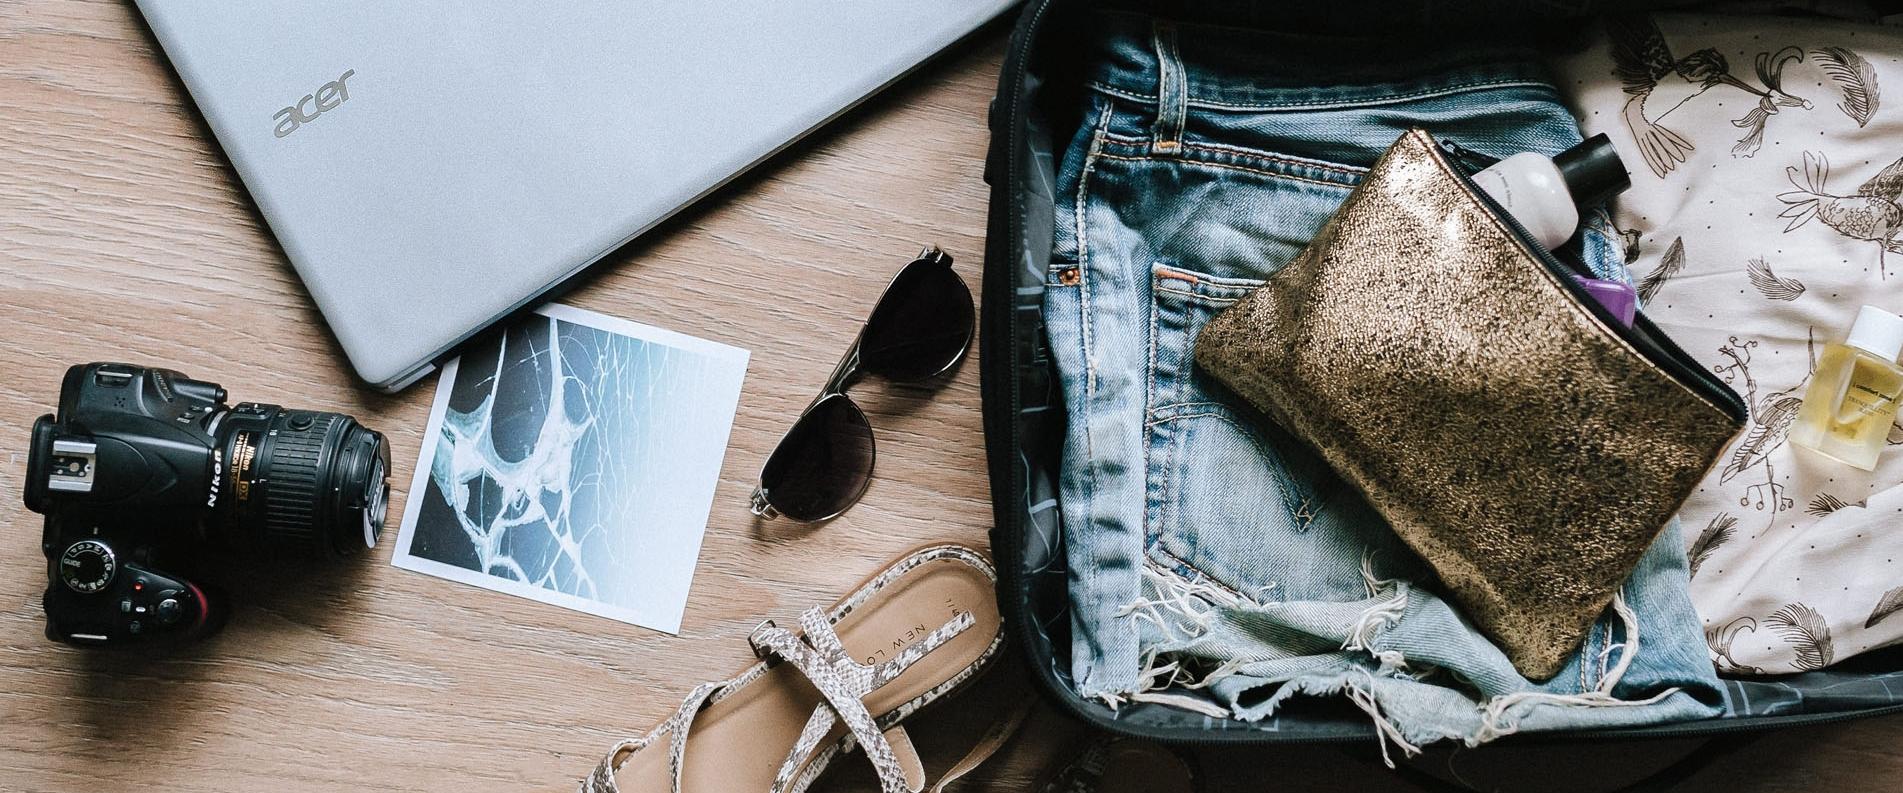 Пакуем чемодан: что обязательно взять с собой на Кипр